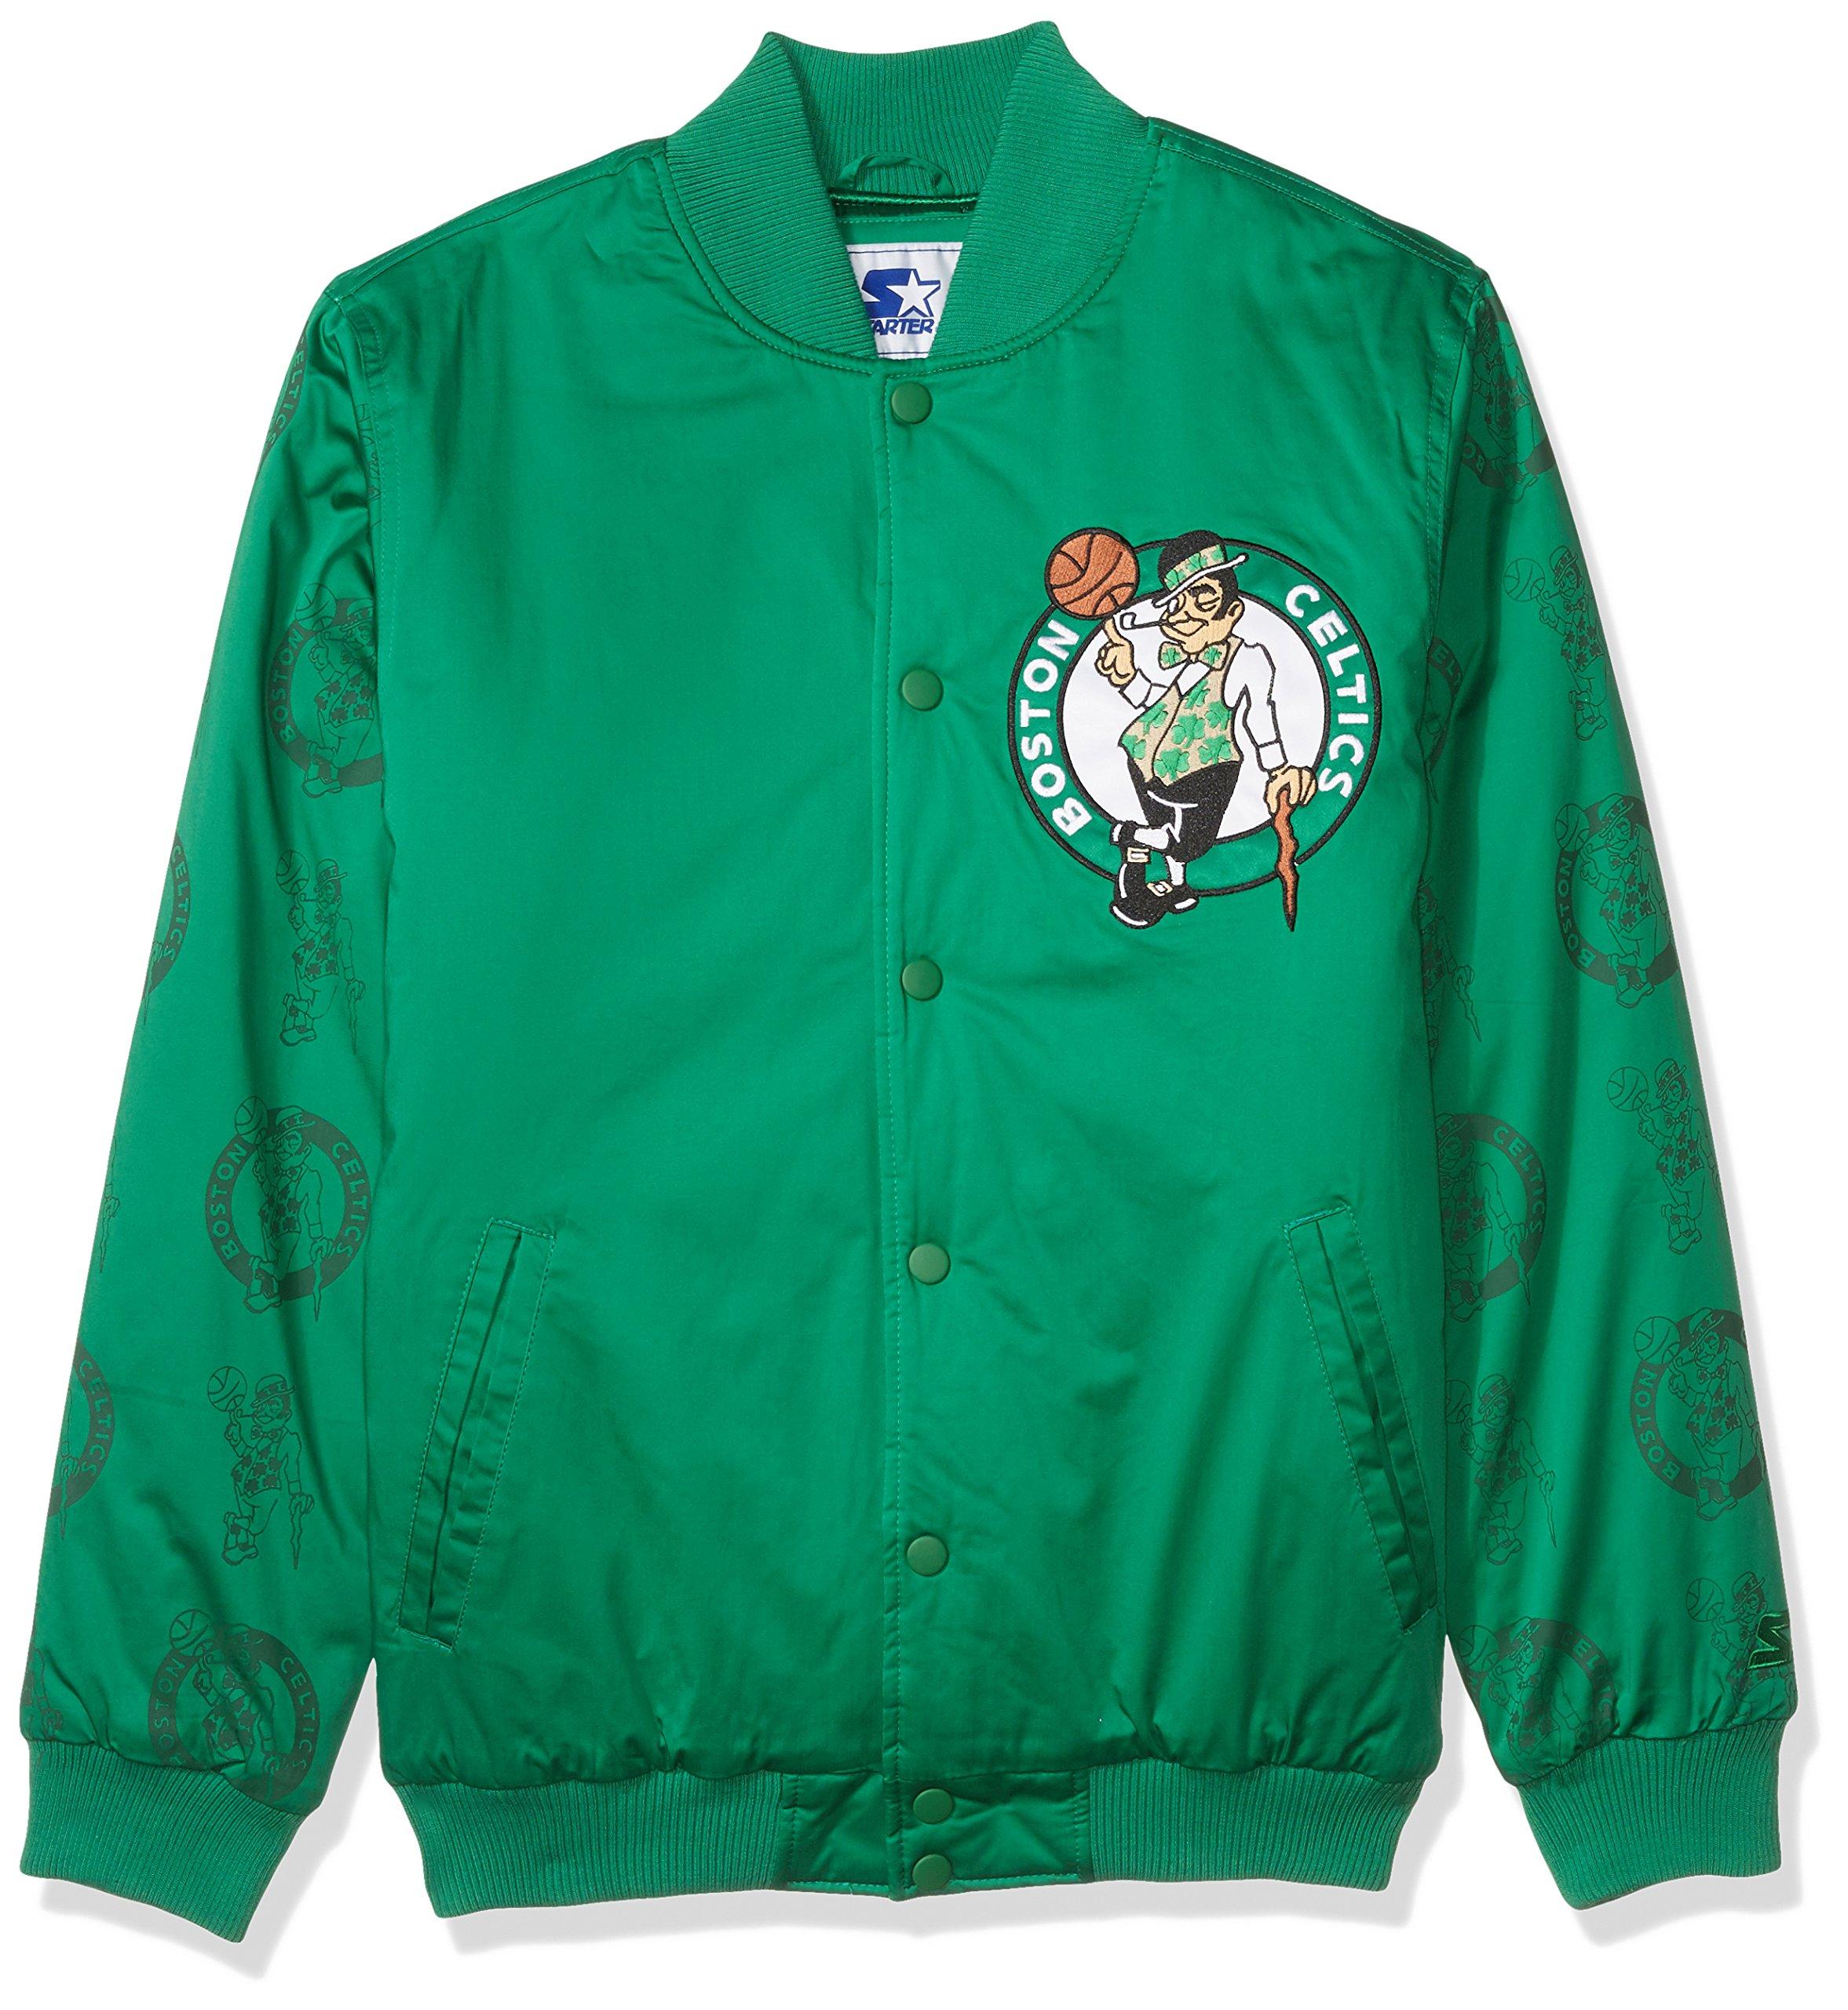 STARTER NBA Boston Celtics Men's Varsity Bomber Jacket, 3X, Green by STARTER (Image #1)